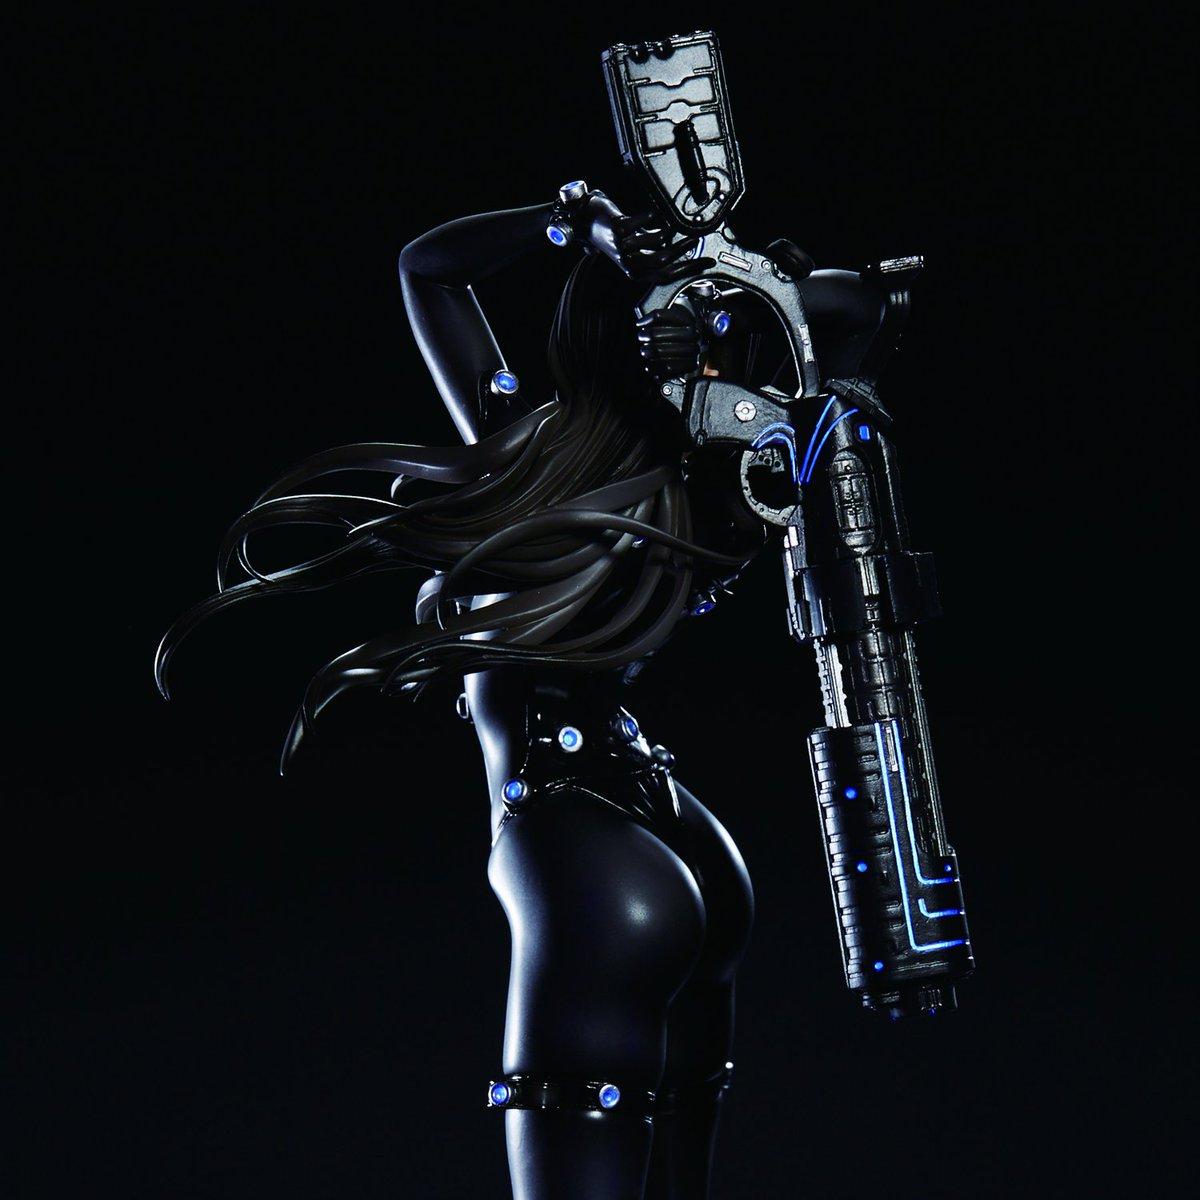 ユニオンクリエイティブ公式 على تويتر 新商品 Hdge Technical Statue No 15 Gantz O レイカ Xショットガンver 本日11 00よりまもなくご案内開始です T Co rlfwkrte Gantz O